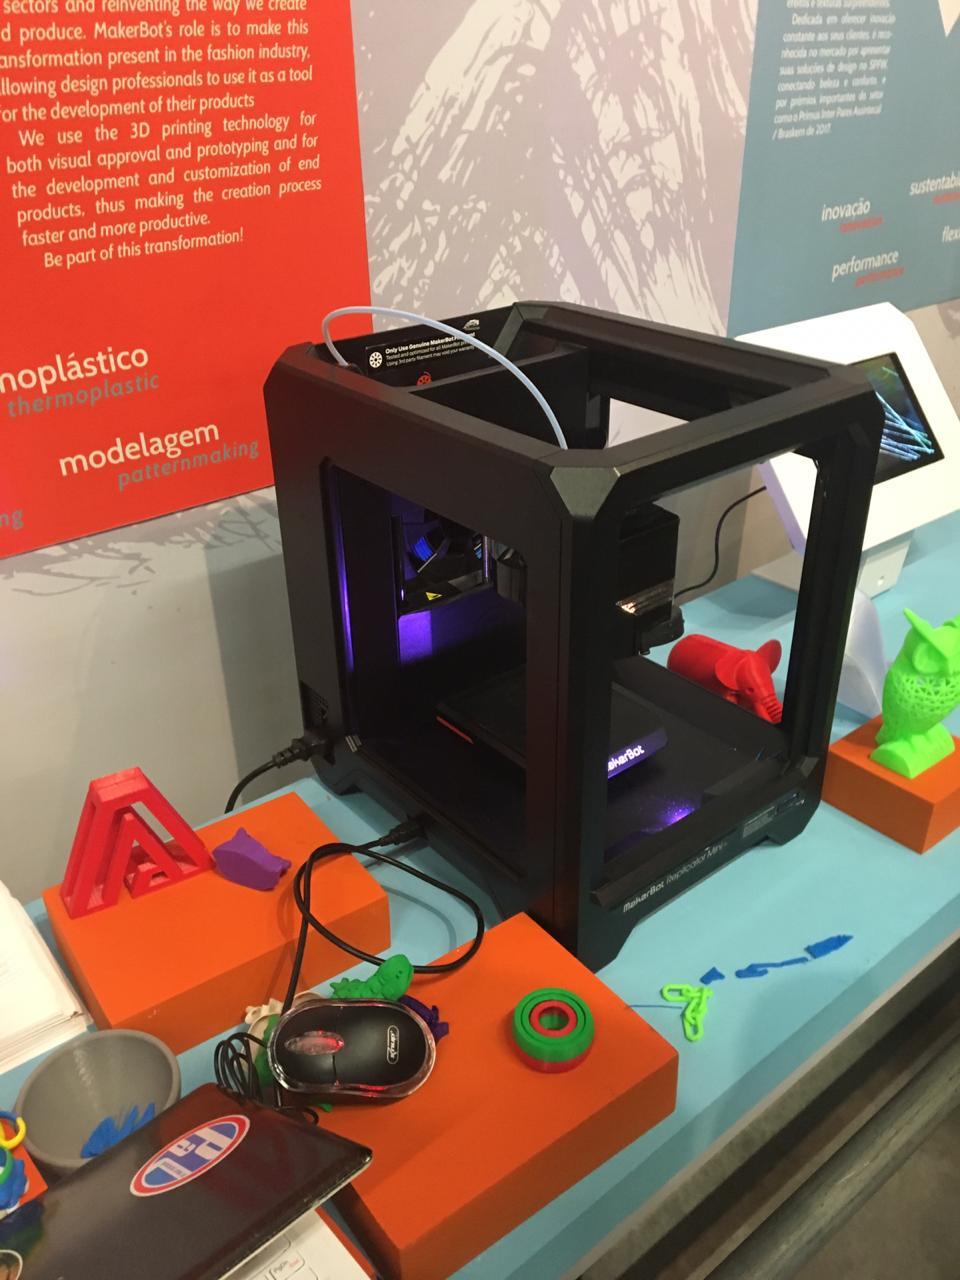 A Makerbot e a tecnologia de impressão 3D para prototipagem, desenvolvimento e personalização de produtos finais